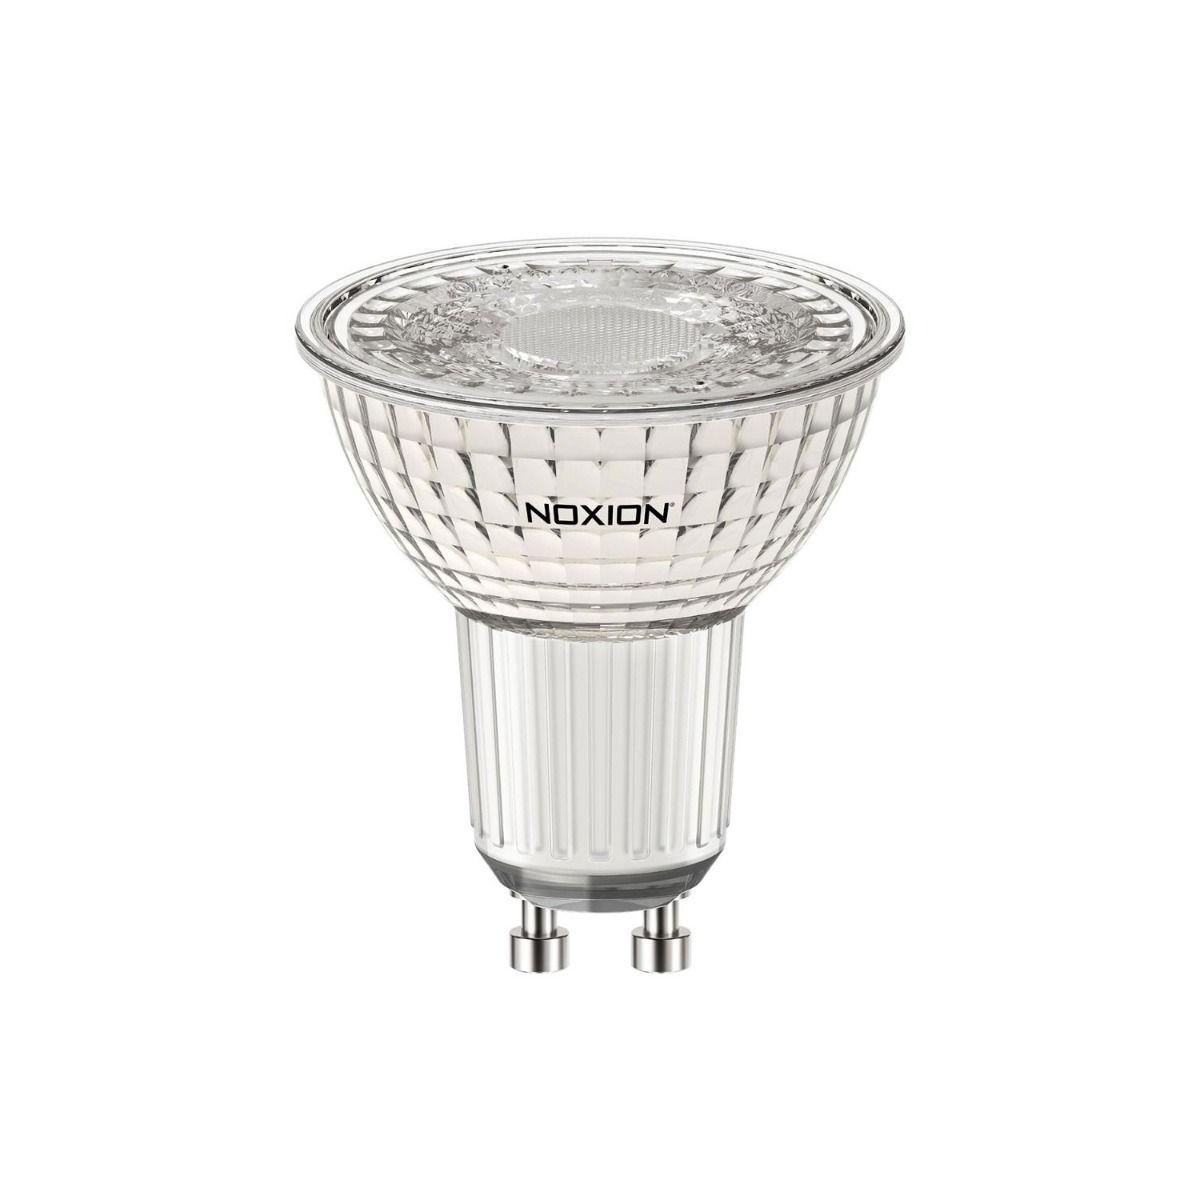 Noxion LED Spot PerfectColor GU10 4W 927 36D   Zeer Warm Wit - Dimbaar - Vervangt 50W